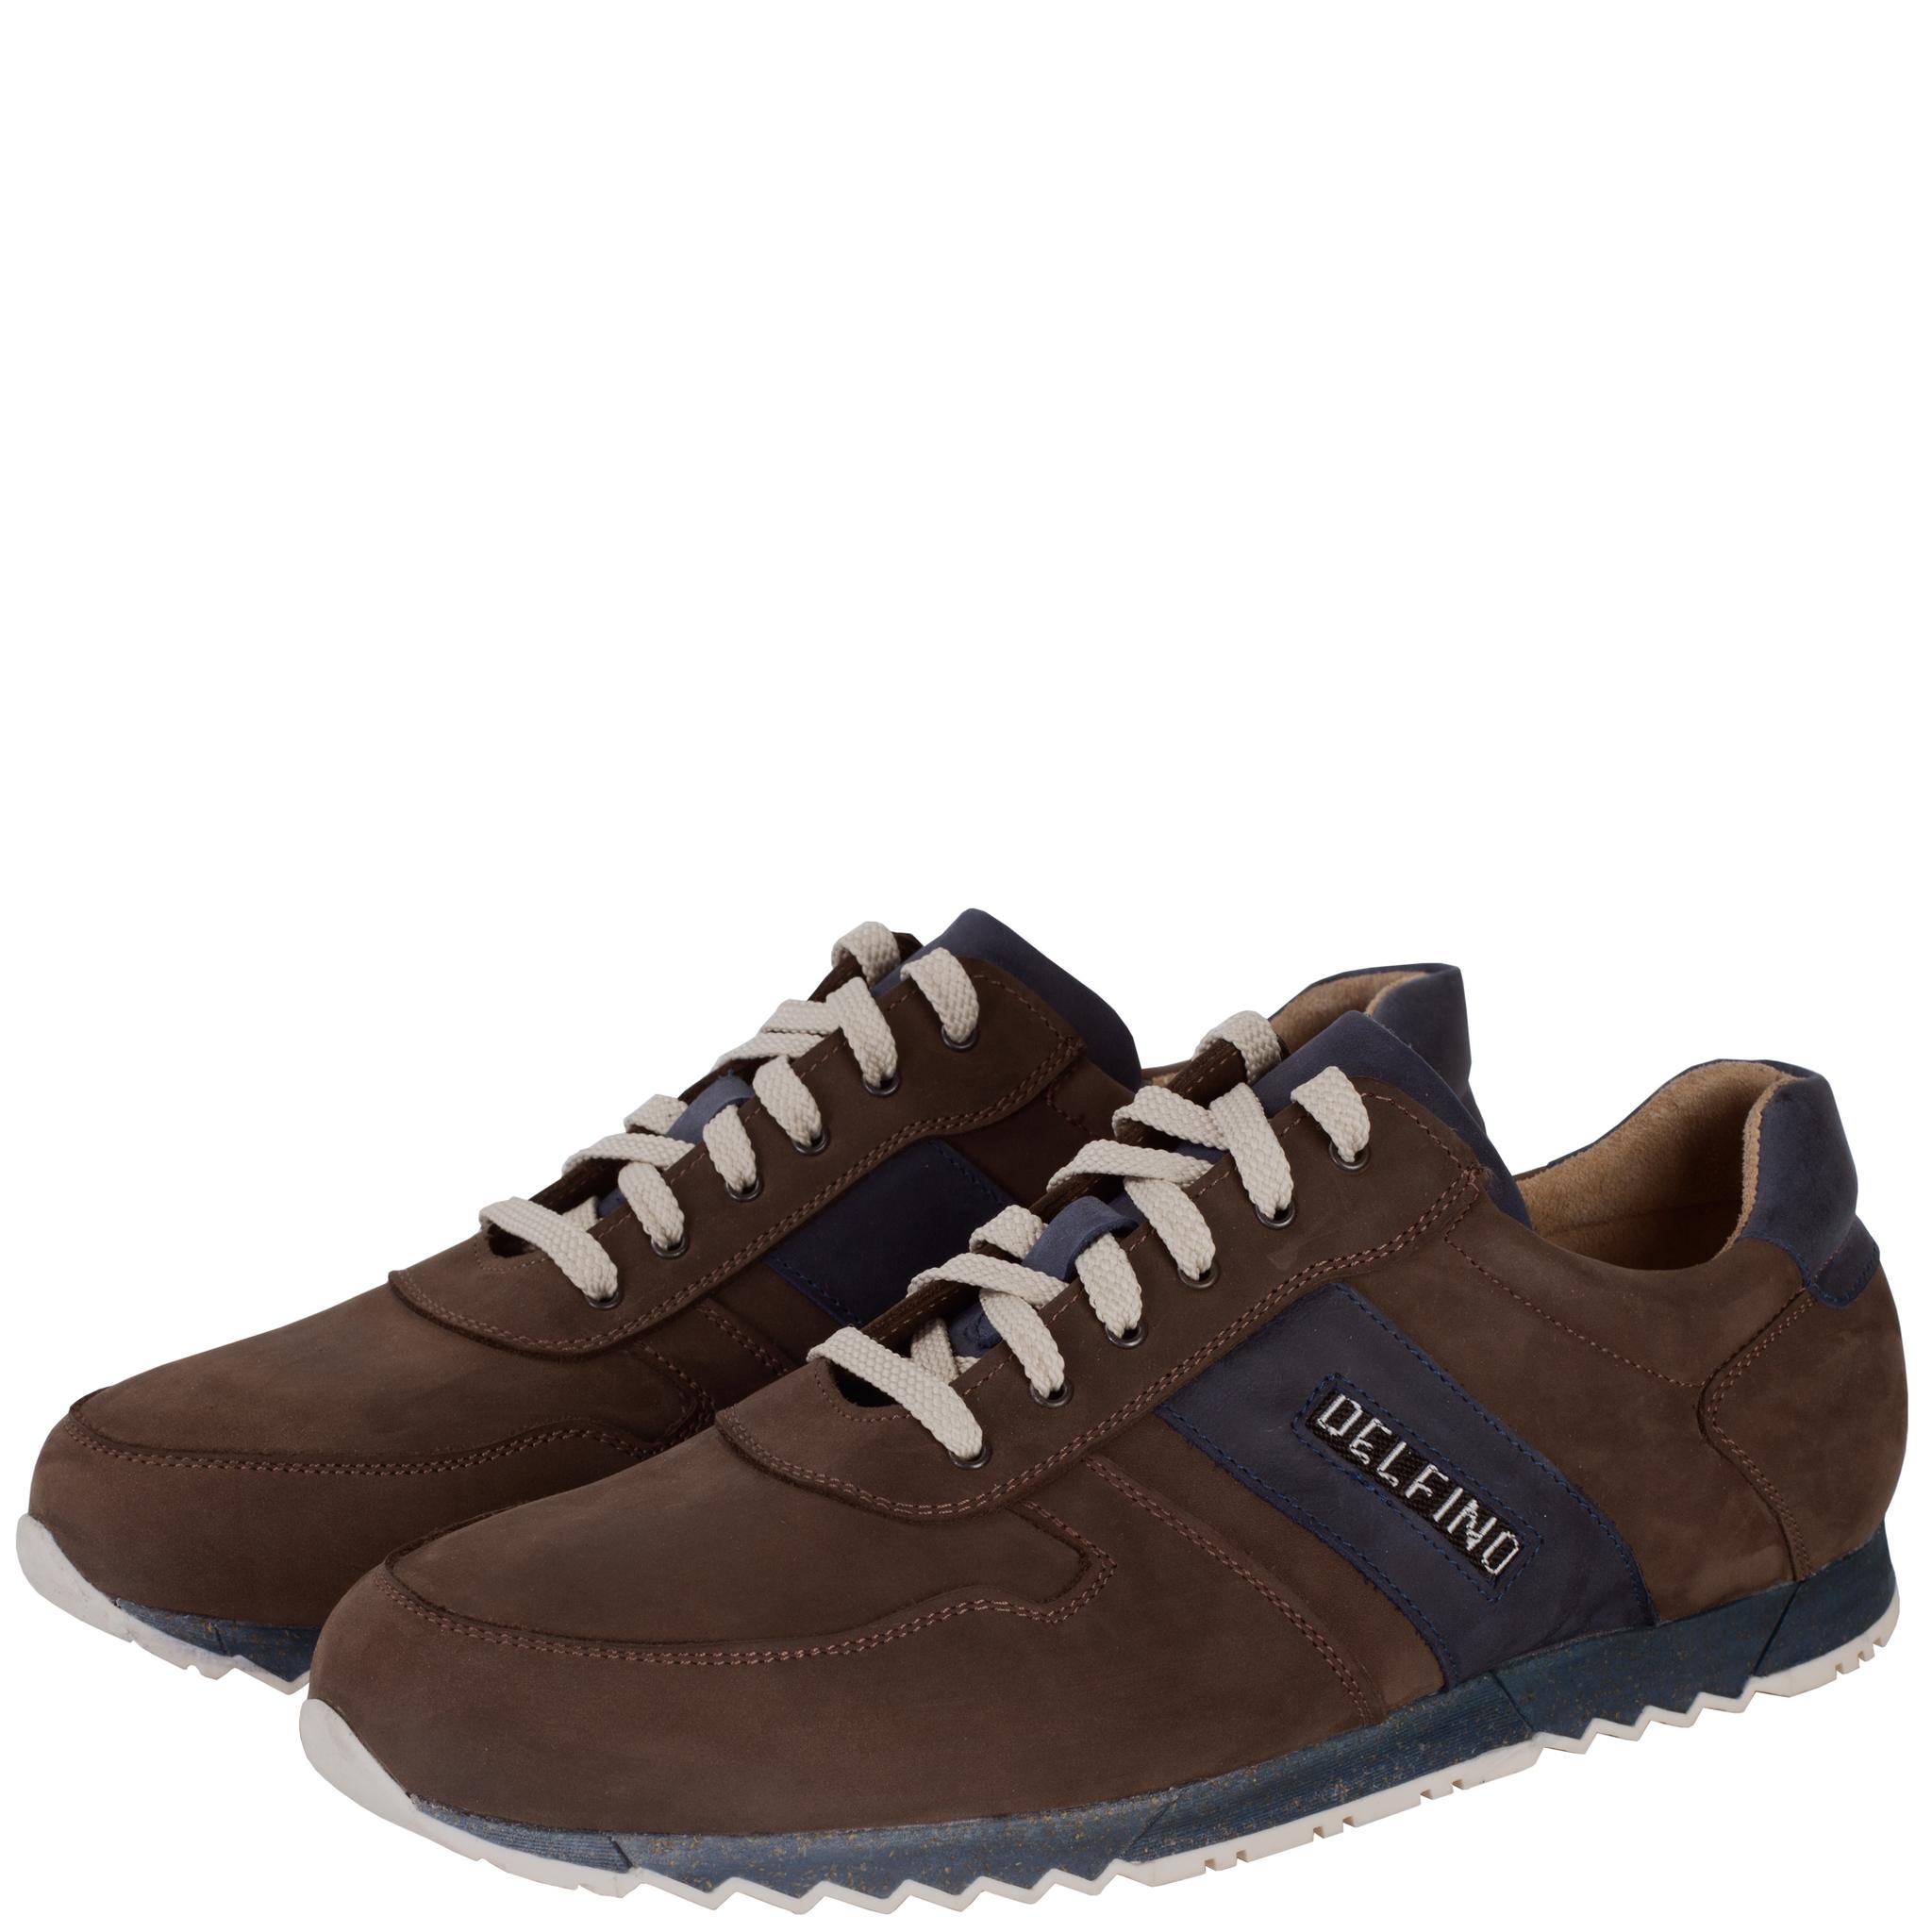 701396 полуботинки мужские коричнево-синие больших размеров марки Делфино